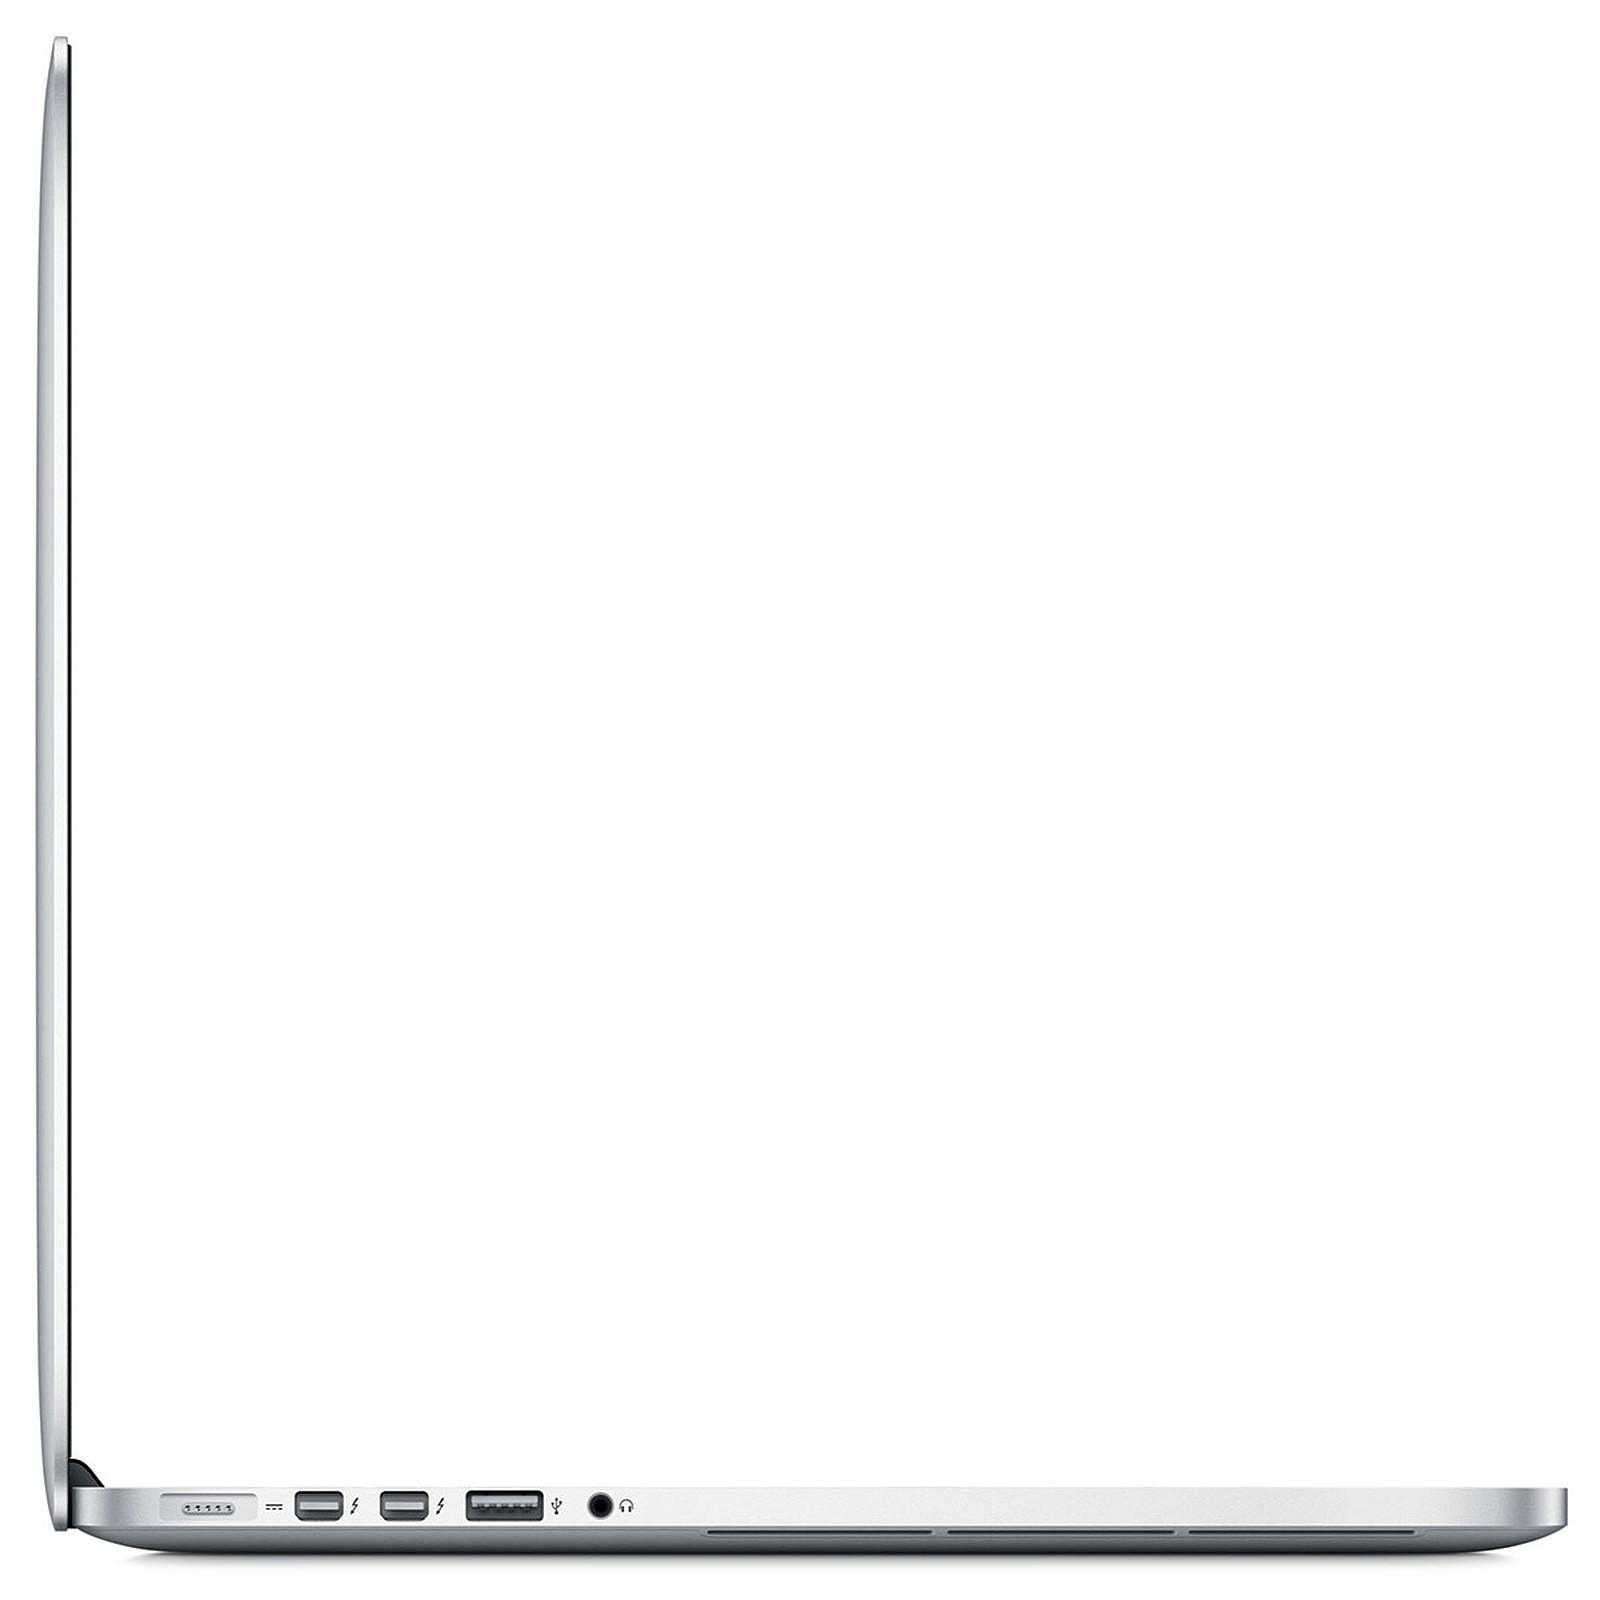 MacBook Pro Retina 15,4-tum (2012) - Core i7 - 16GB - SSD 512 GB QWERTY - Engelska (USA)